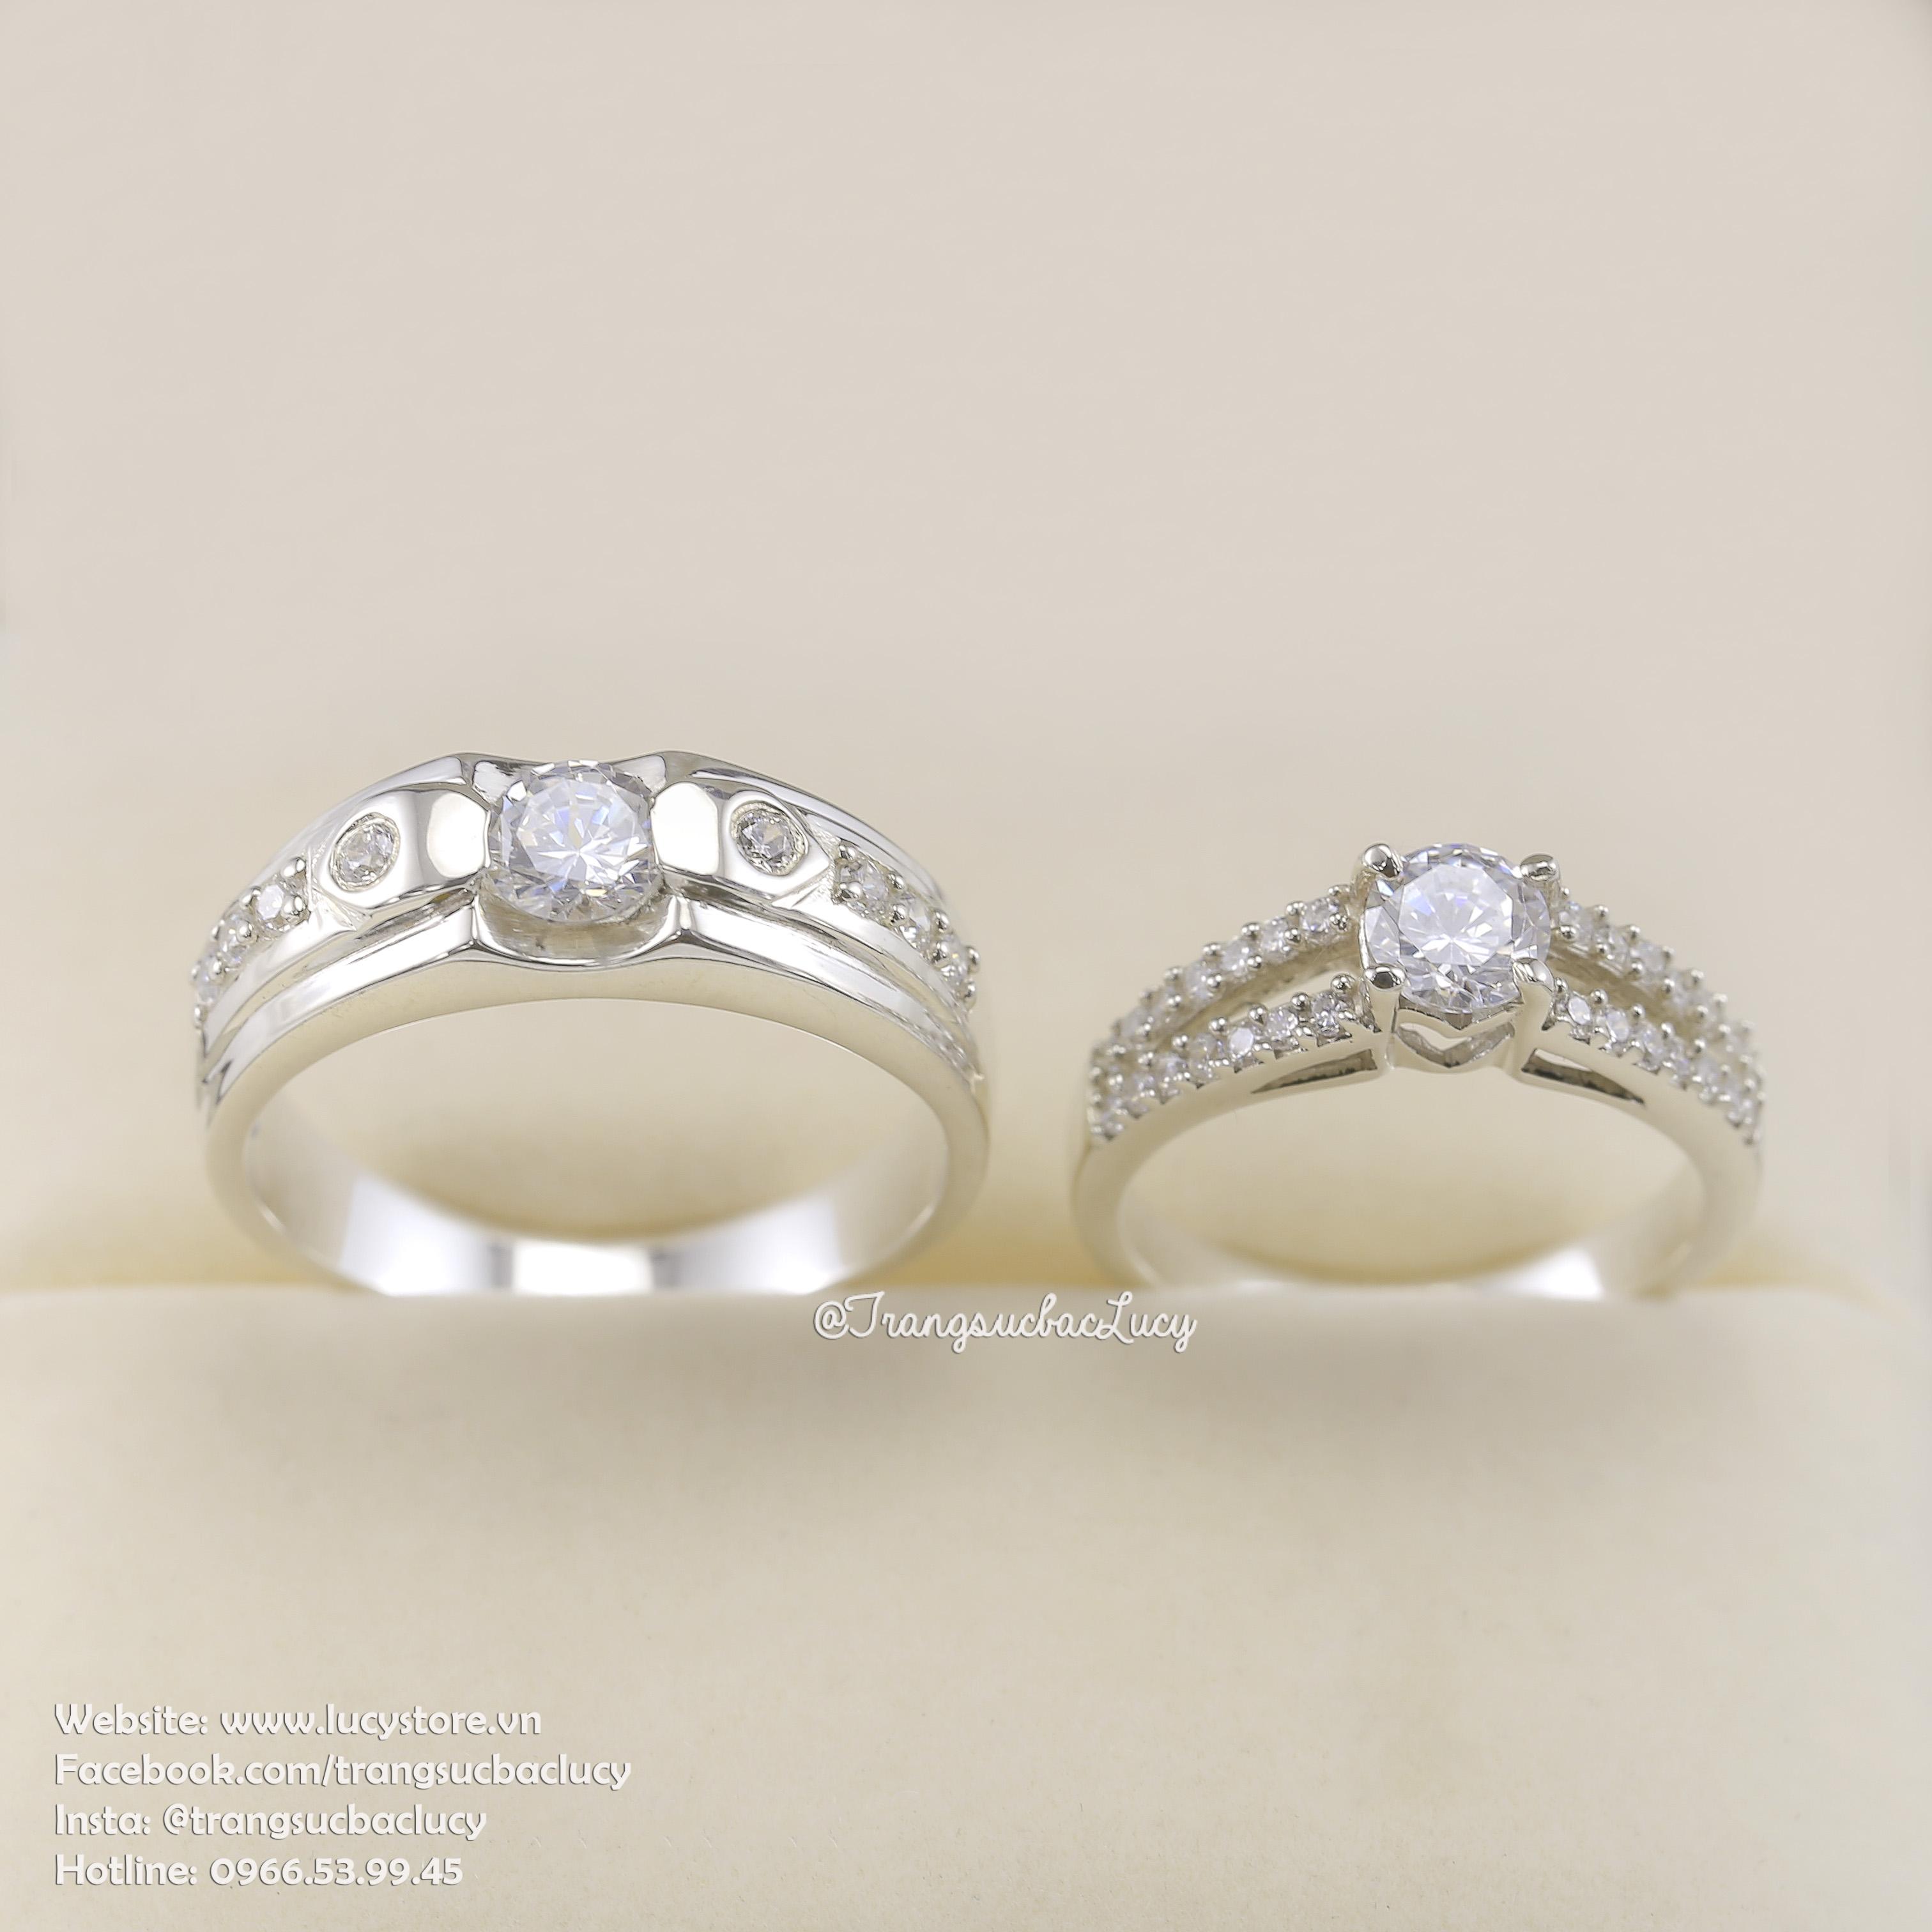 Nhẫn đôi nhẫn cặp bạc Lucy -  ND030